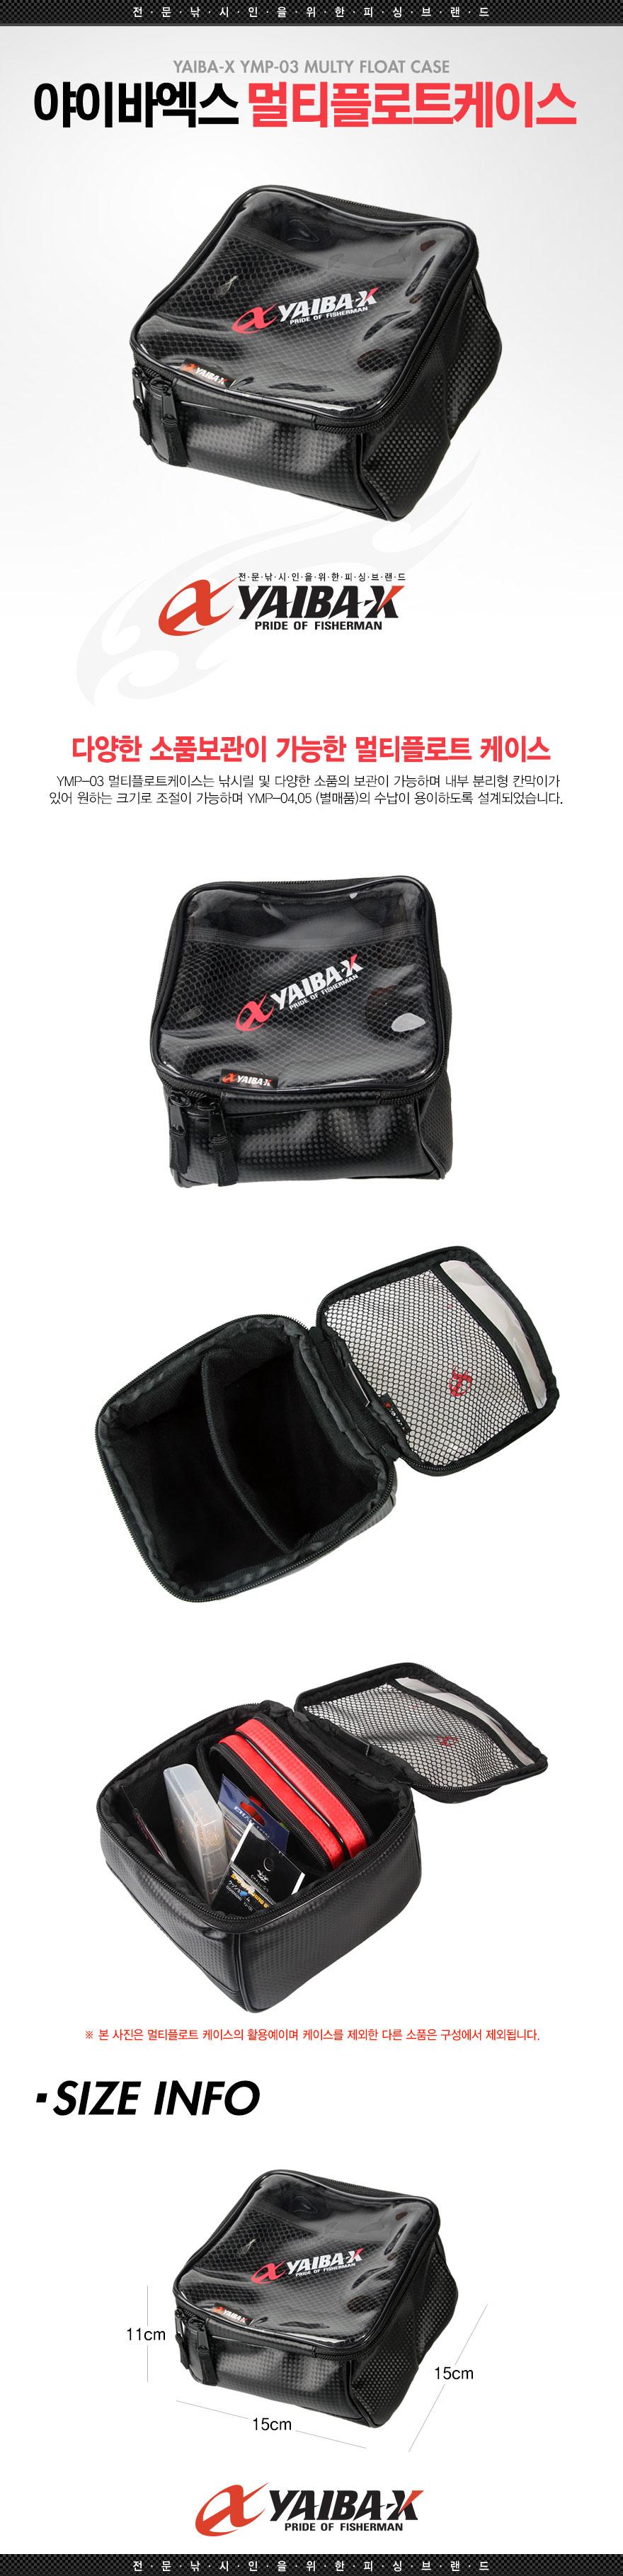 야이바엑스 멀티 플로트 케이스 (YMP-03) 릴케이스 낚시소품통 용품 구멍찌케이스 수중찌케이스 소품케이스